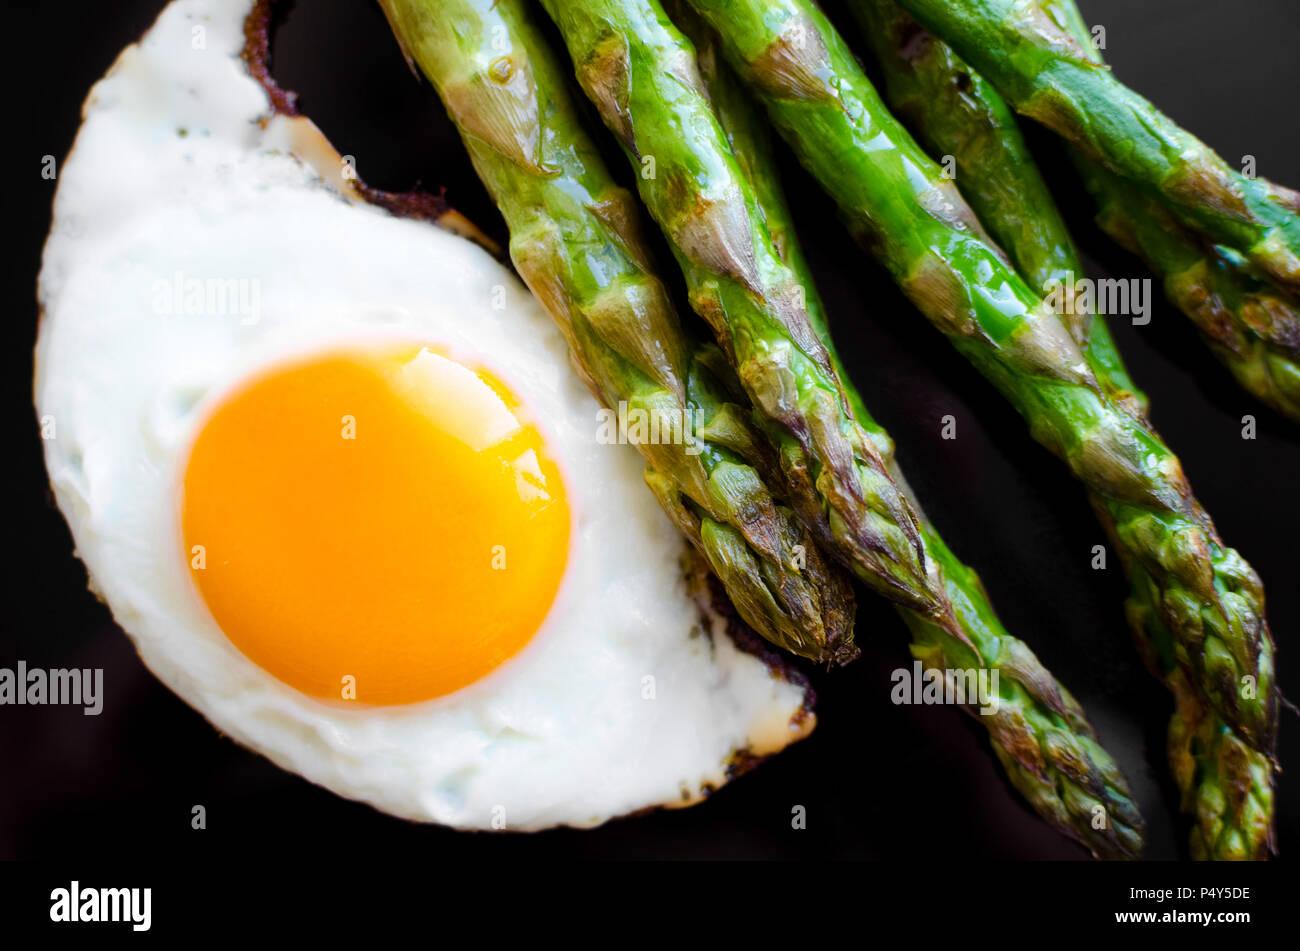 Œuf frit et asperges fraîches rôties en plaque noire. Dîner santé concept. Manger délicieux et nutritifs. Vue d'en haut. Photo Stock